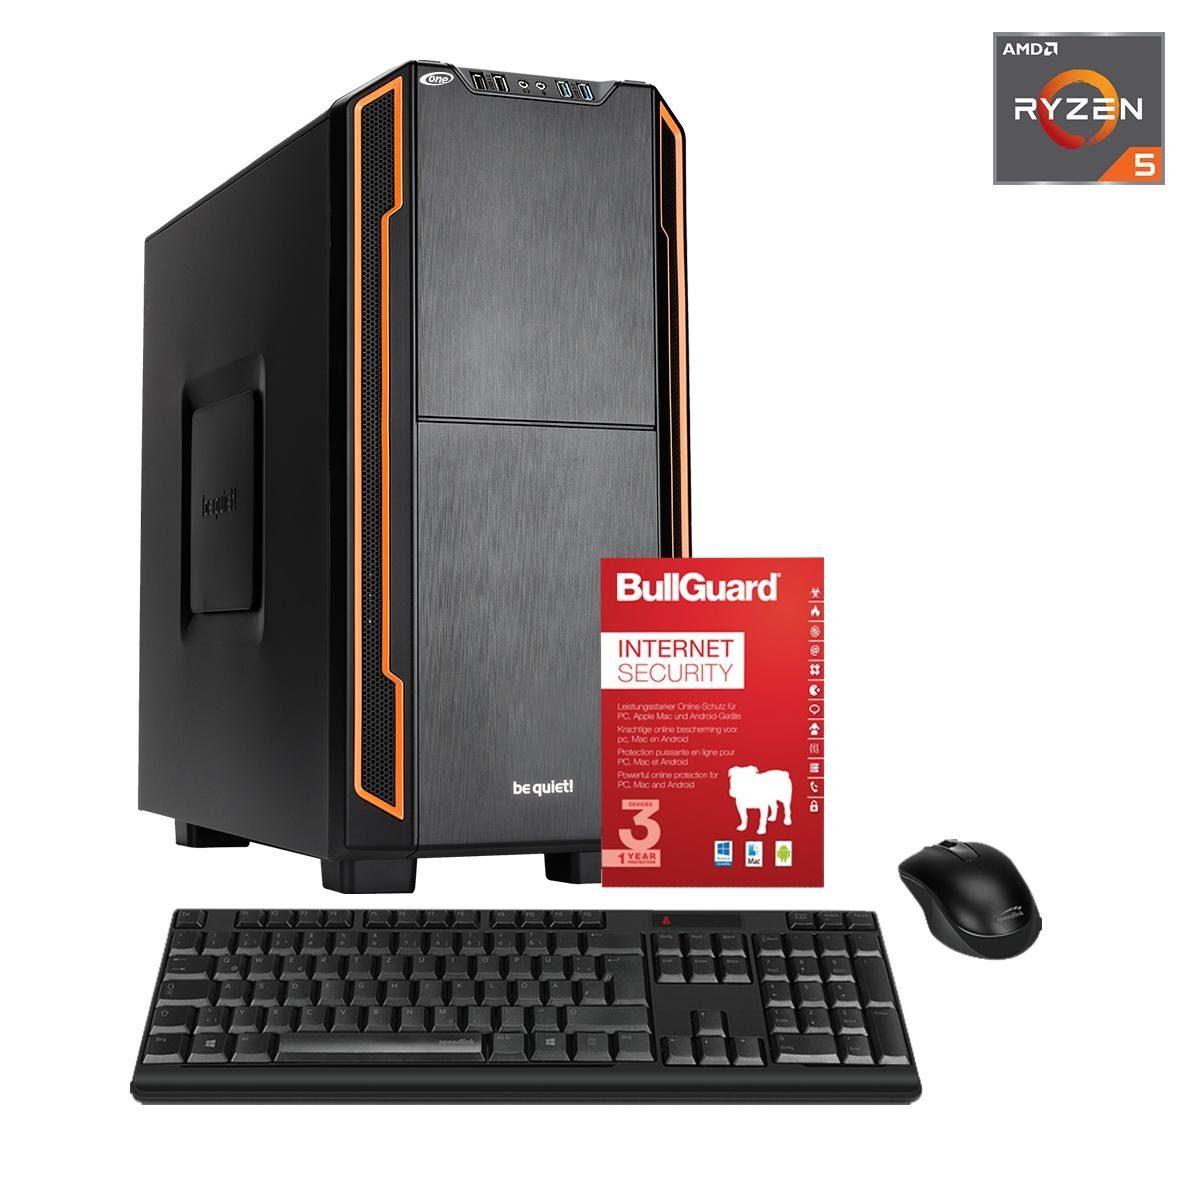 ONE PC, Ryzen 5 2600, GeForce GTX 1070 Ti, 8GB DDR4 RAM »PC 44704«